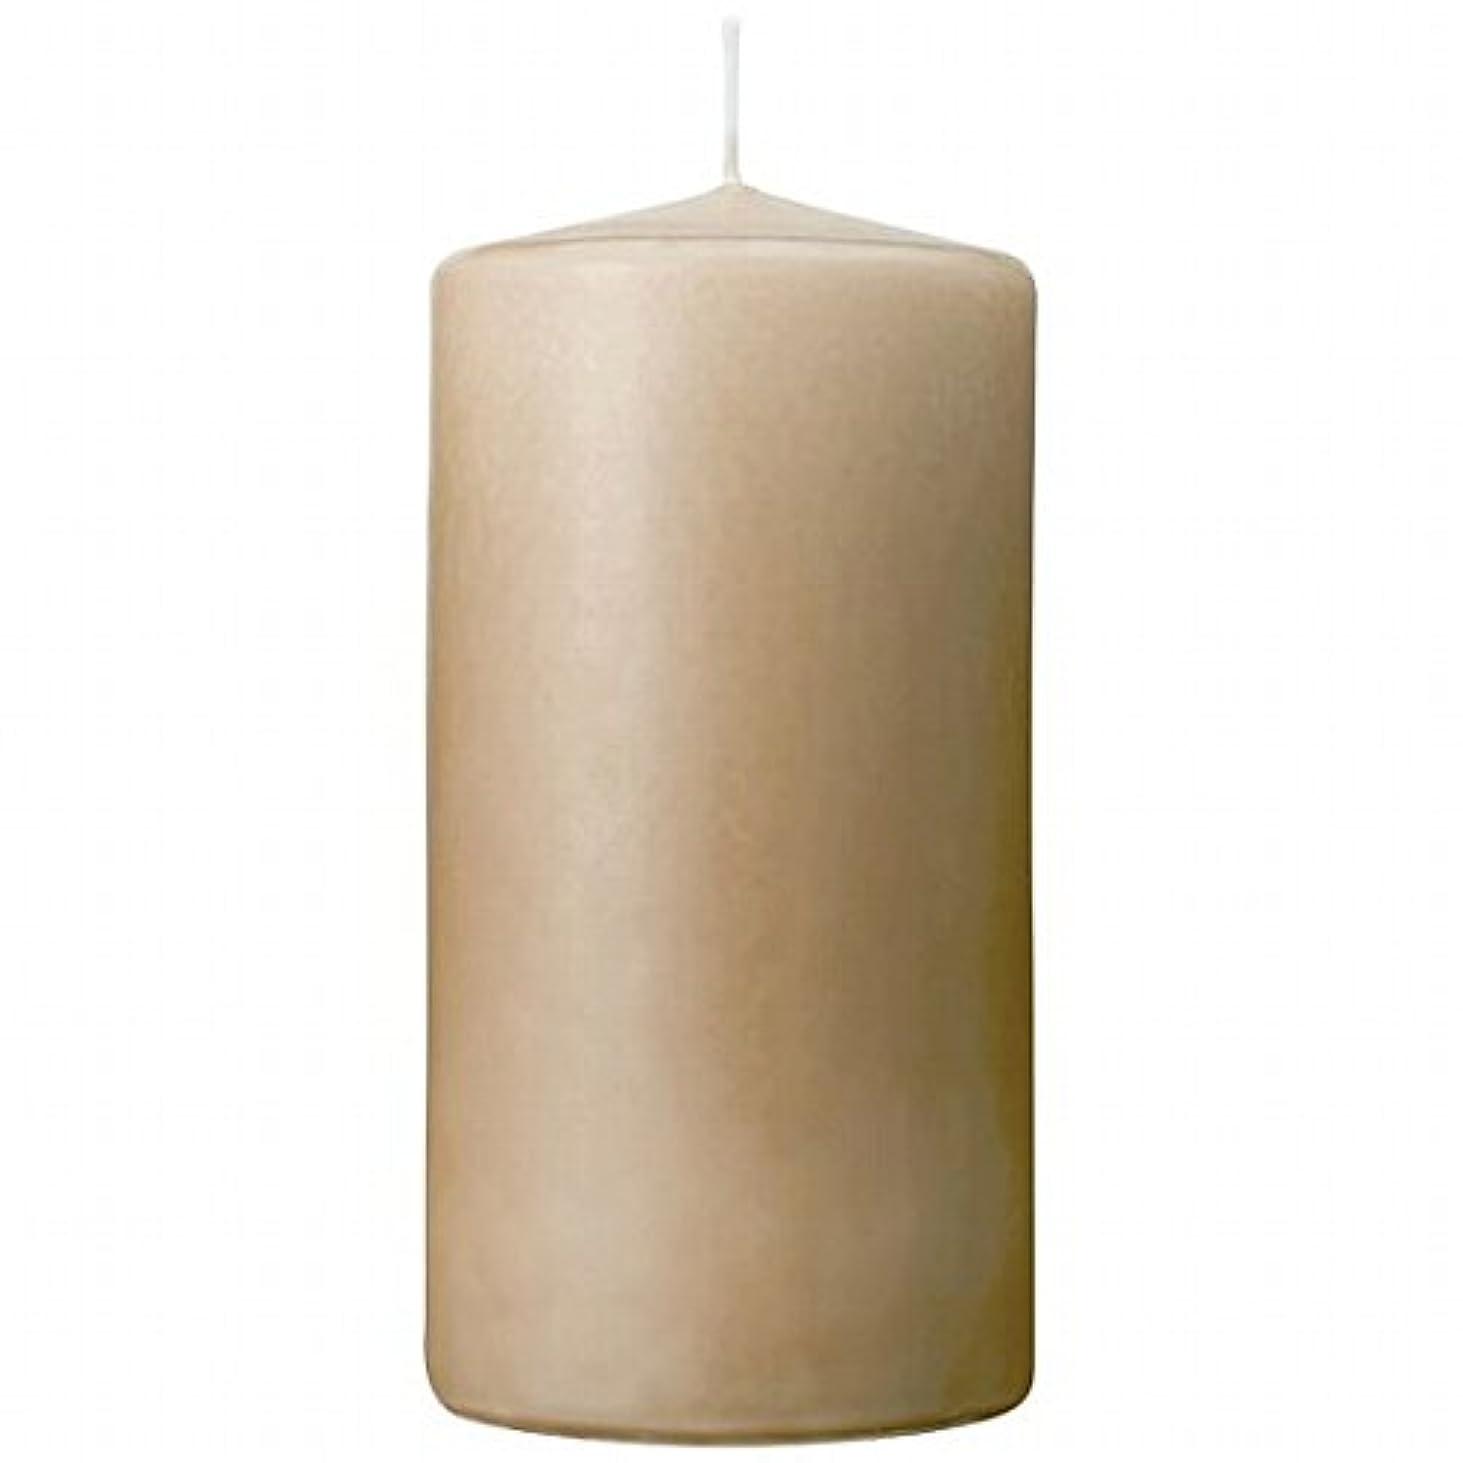 バルク季節明確なカメヤマキャンドル(kameyama candle) 3×6ベルトップピラーキャンドル 「 ベージュ 」